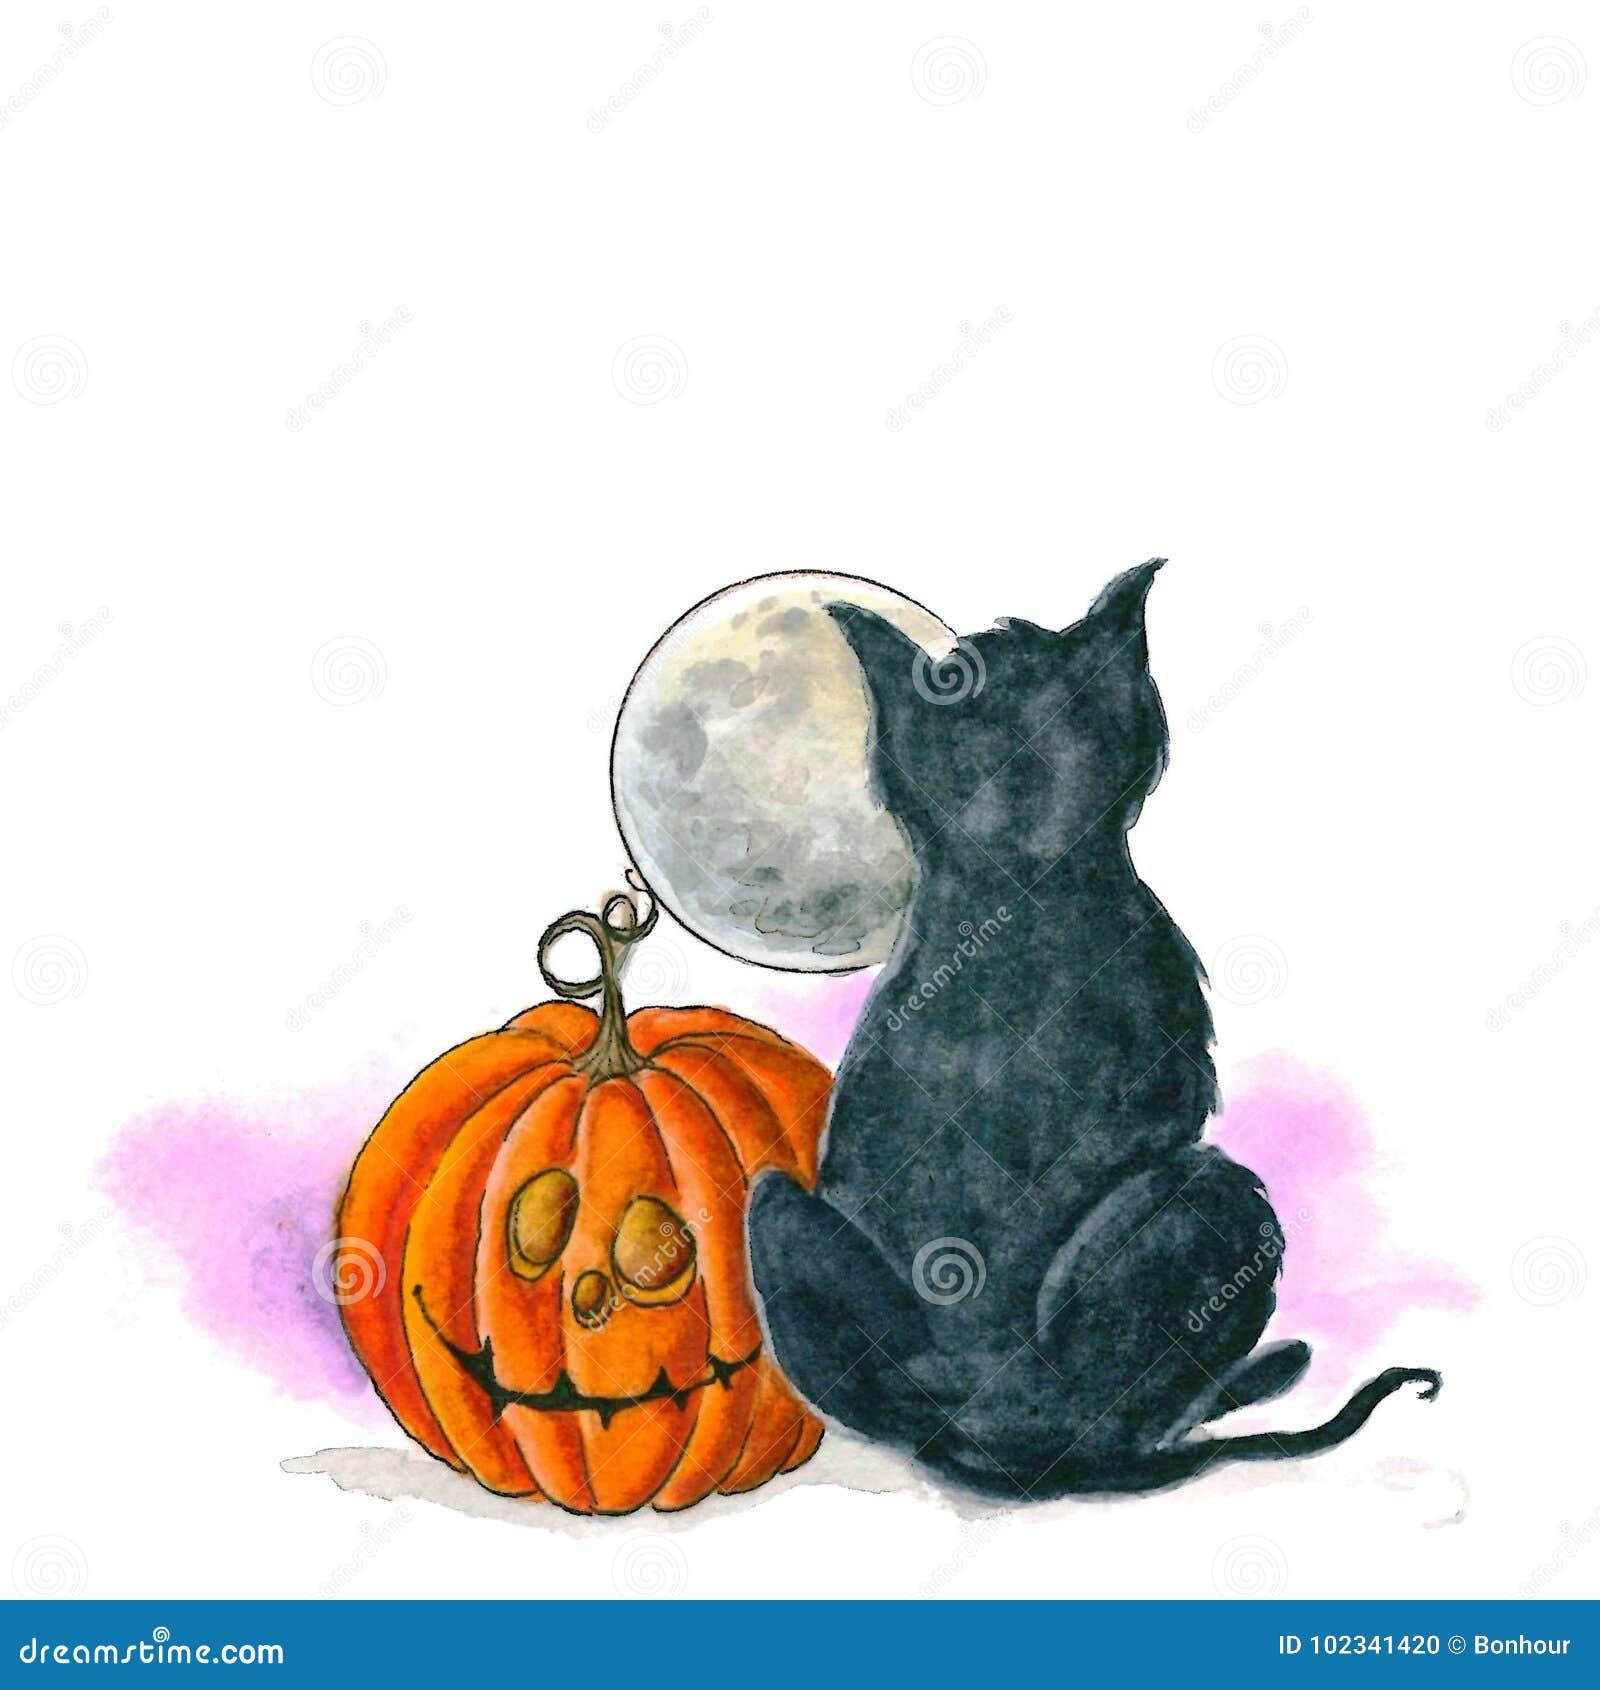 Zucca Halloween Gatto.Zucca Di Halloween Con Un Gatto E La Luna Illustrazione Di Stock